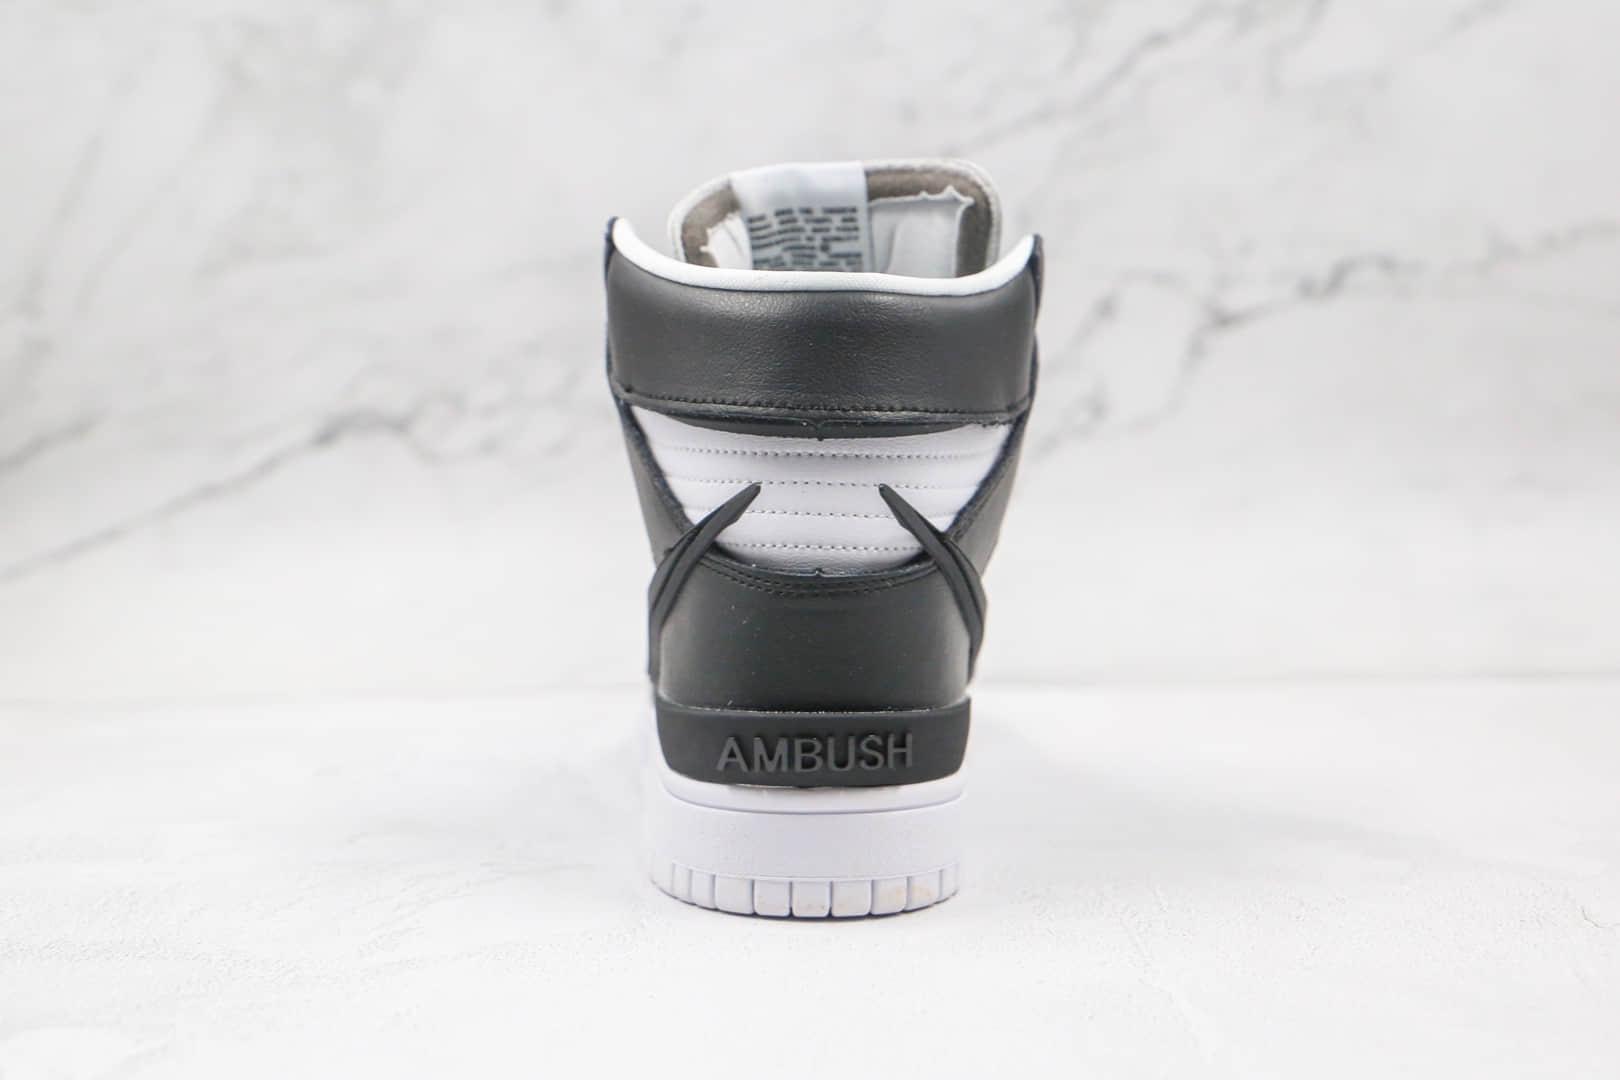 耐克Ambush x Nike Dunk High纯原版本吴亦凡同款高帮Dunk黑白板鞋一比一打造 货号:CU7544-001